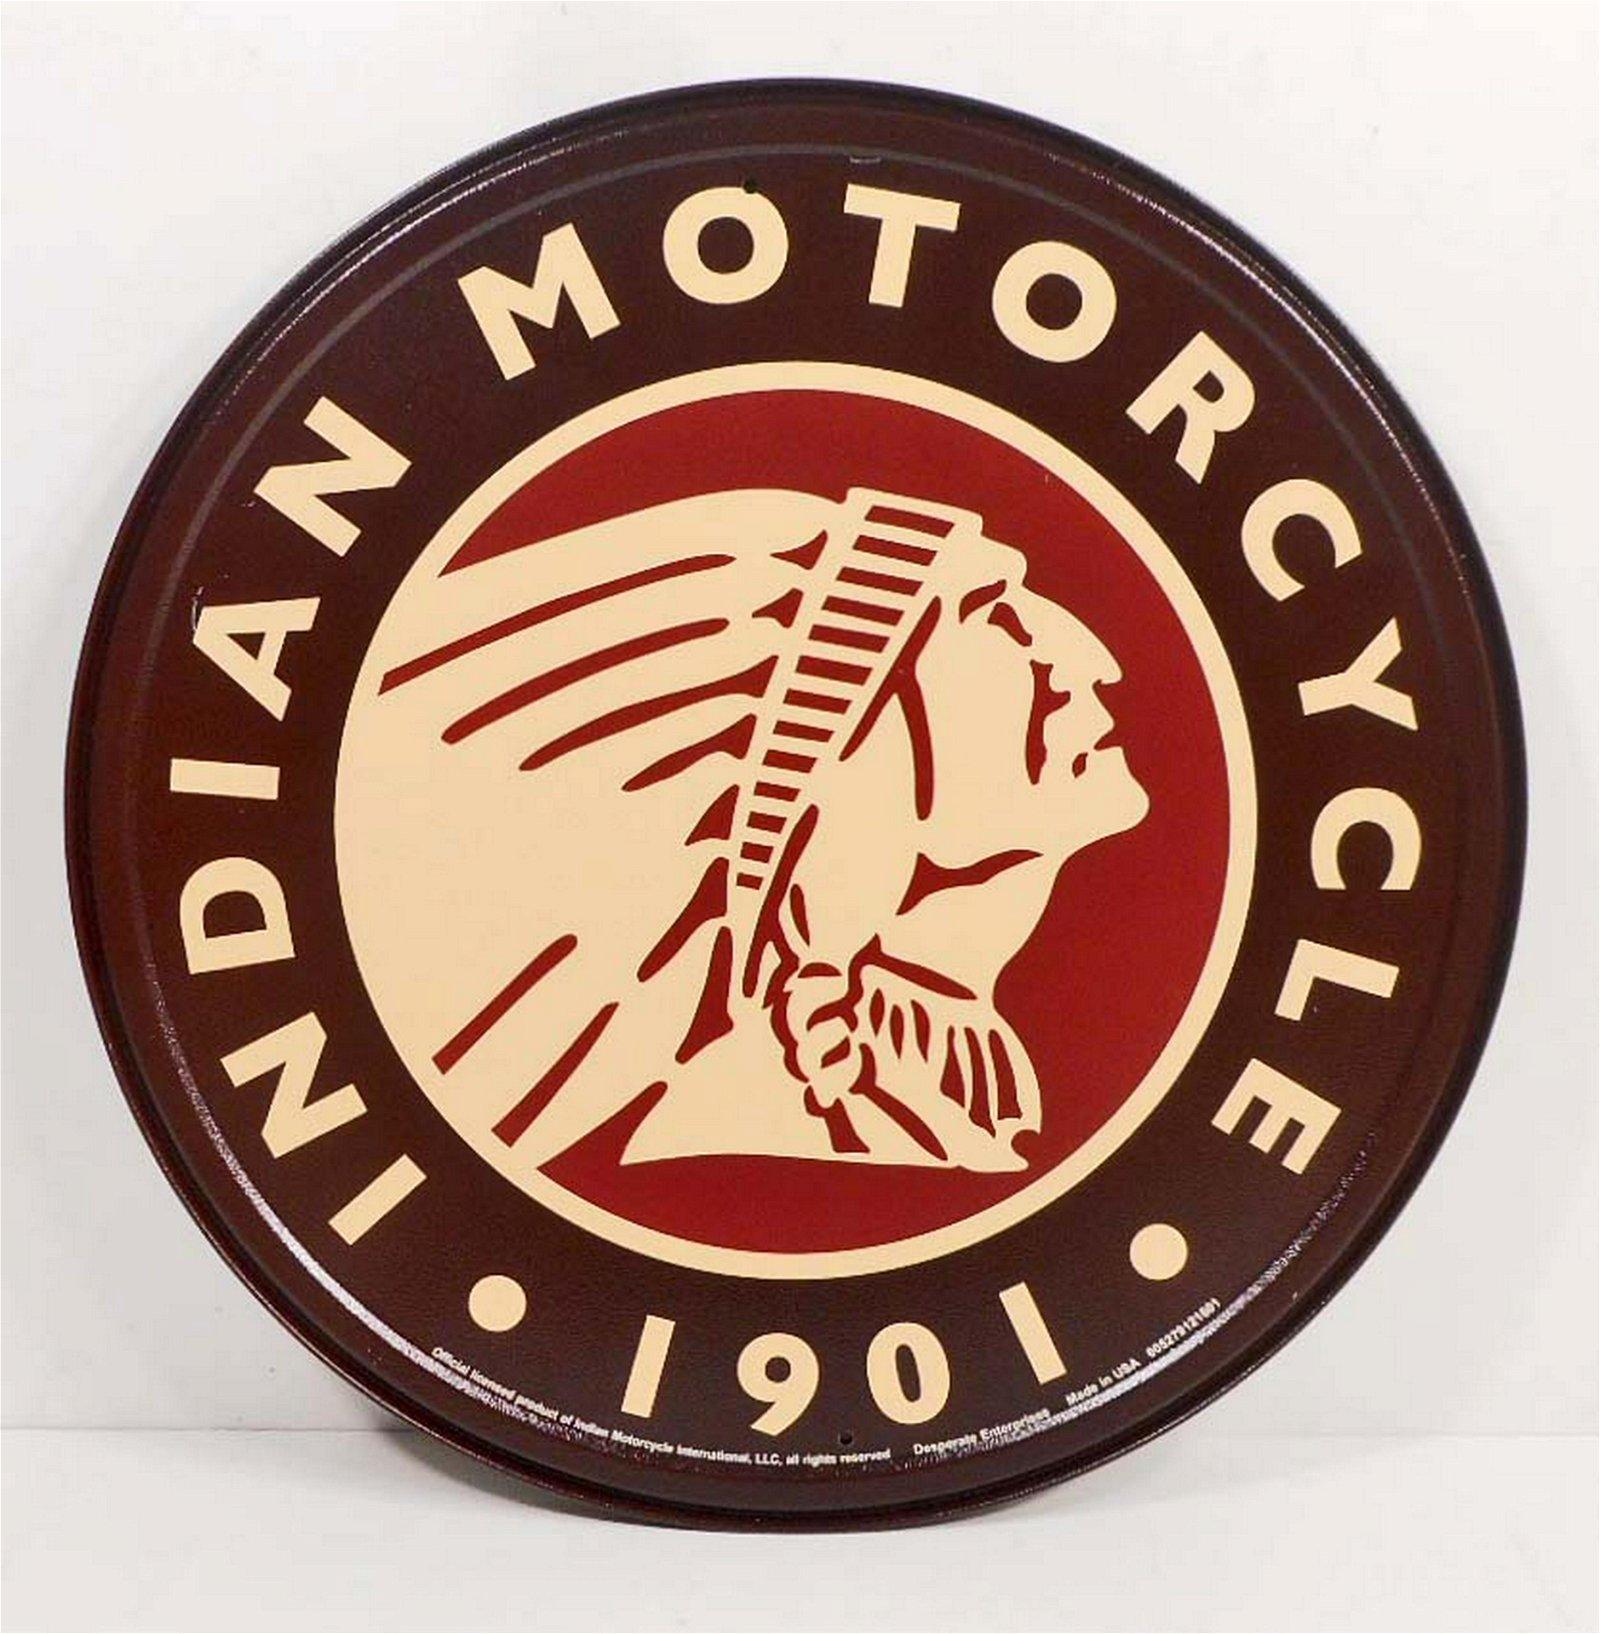 INDIAN MOTORCYCLE ROUND METAL ADVERTISING SIGN